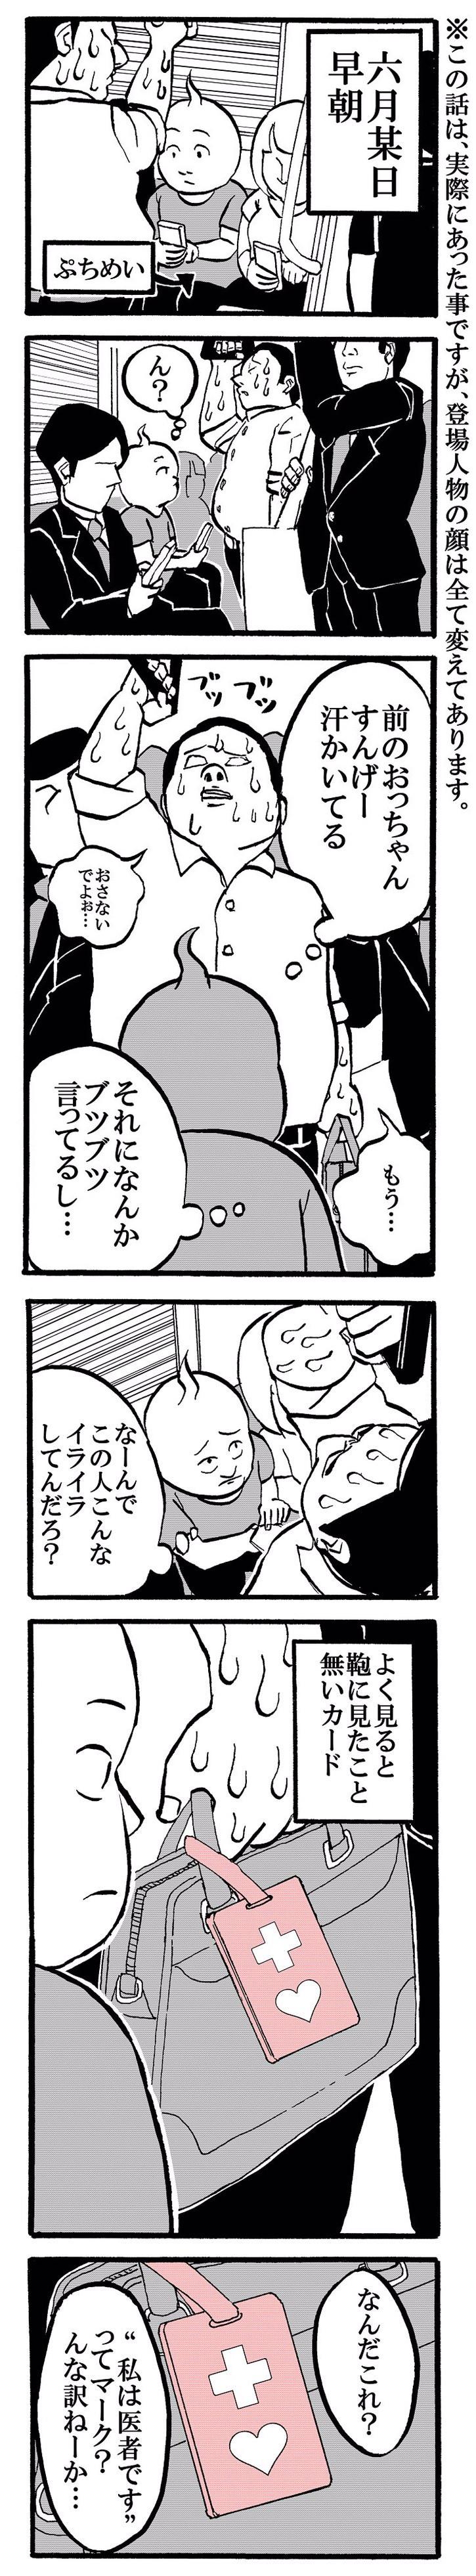 漫画2016071101